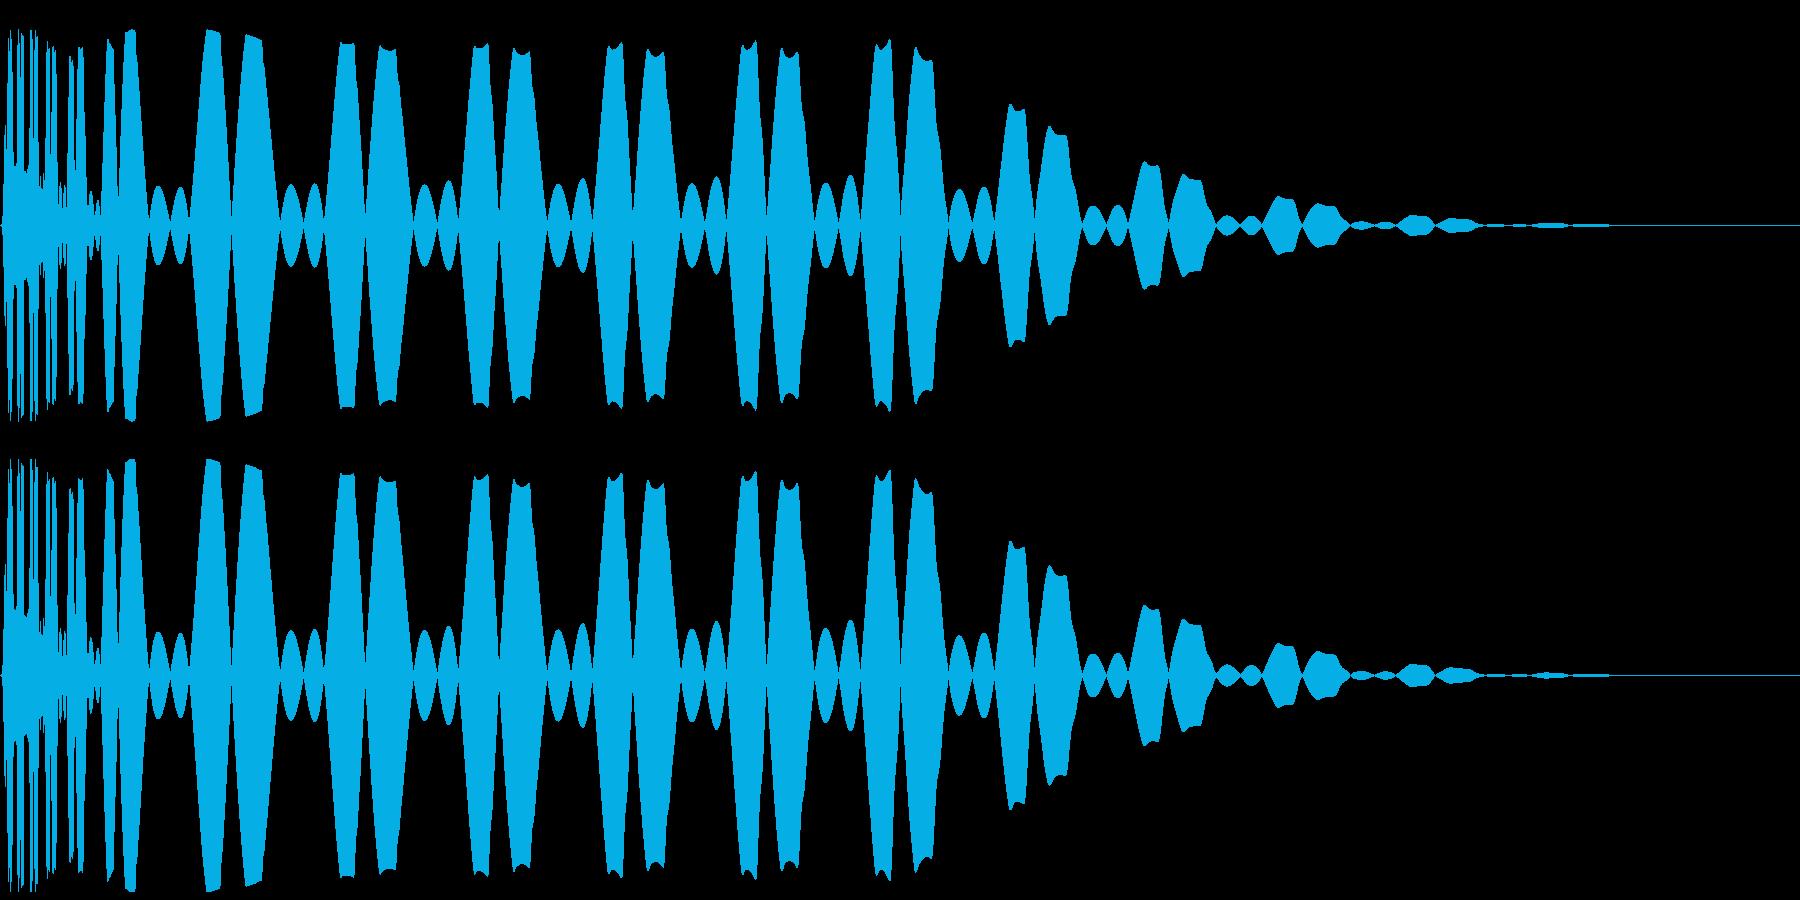 キック/ドラム/デジタル/Key-Aの再生済みの波形